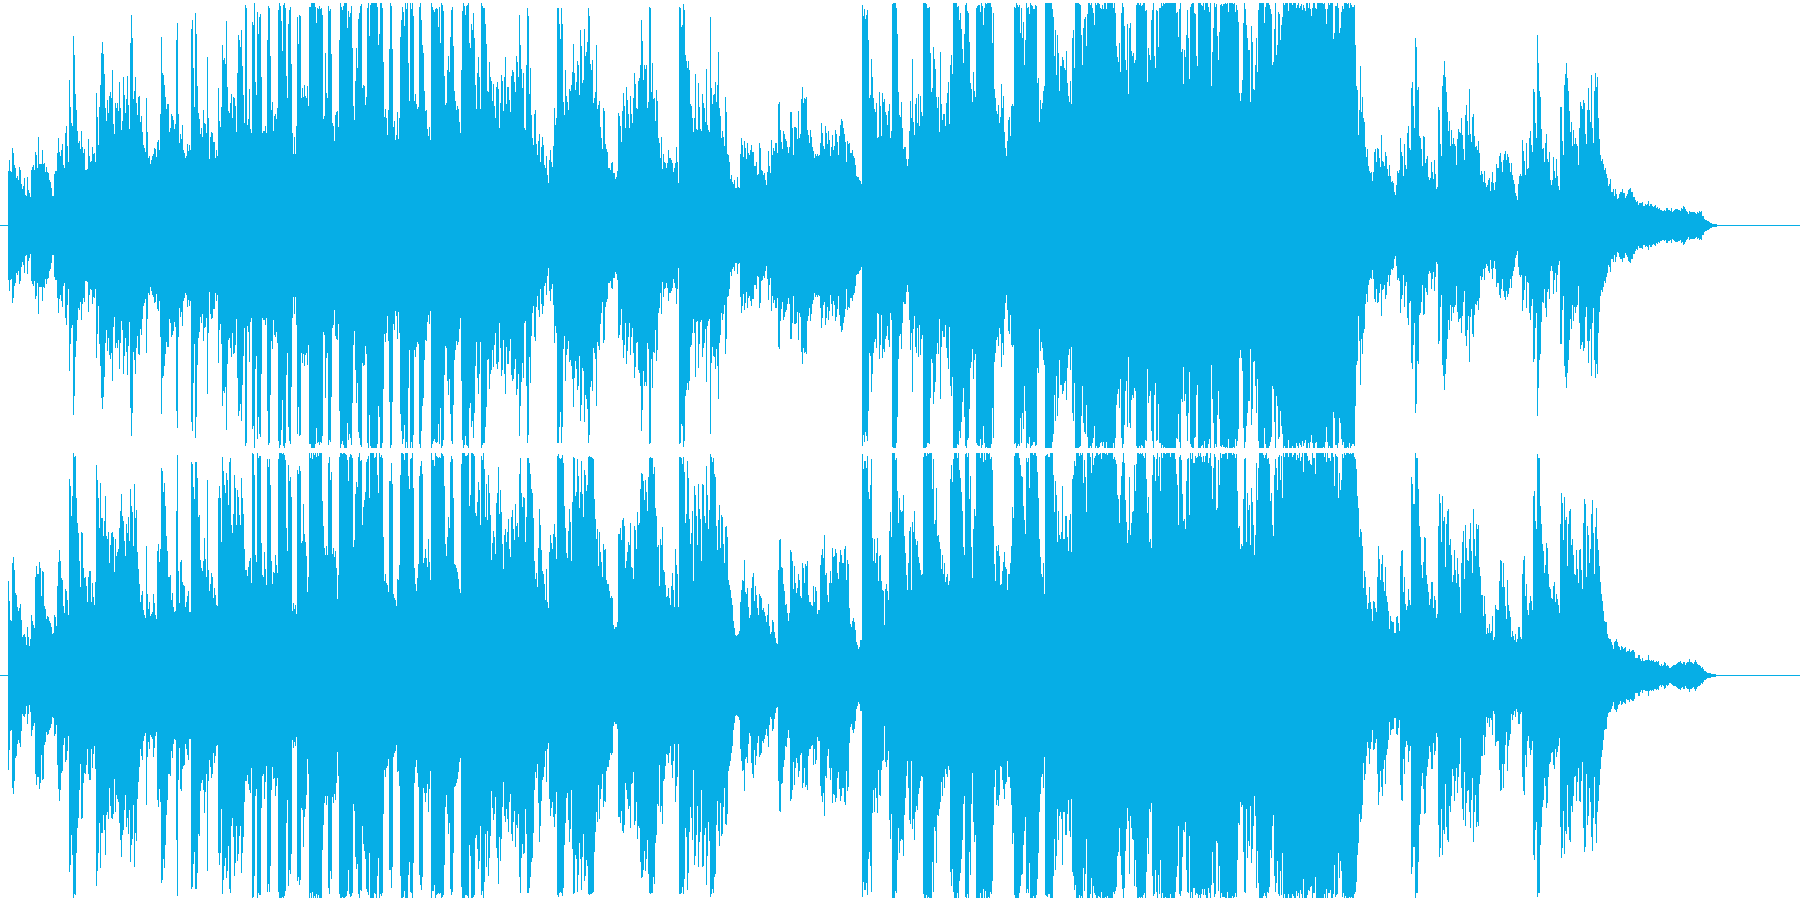 感動を呼ぶ美しいピアノ曲 和風 アニメの再生済みの波形